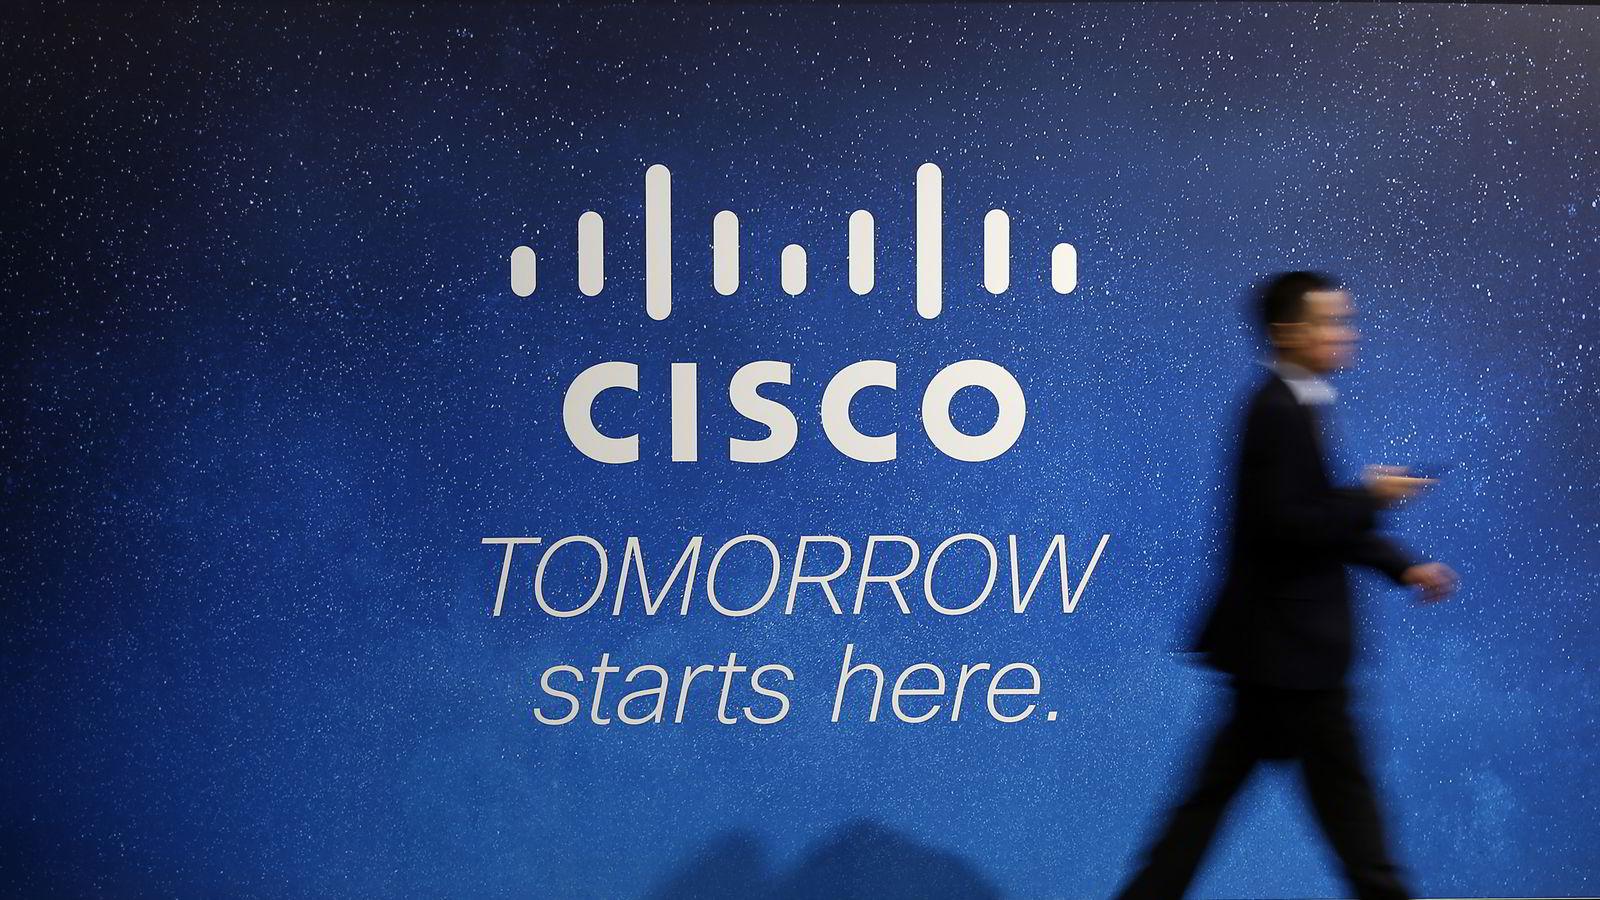 Cisco Systems skal nedbemanne med 14.000 ansatte, ifølge CRN. Foto: